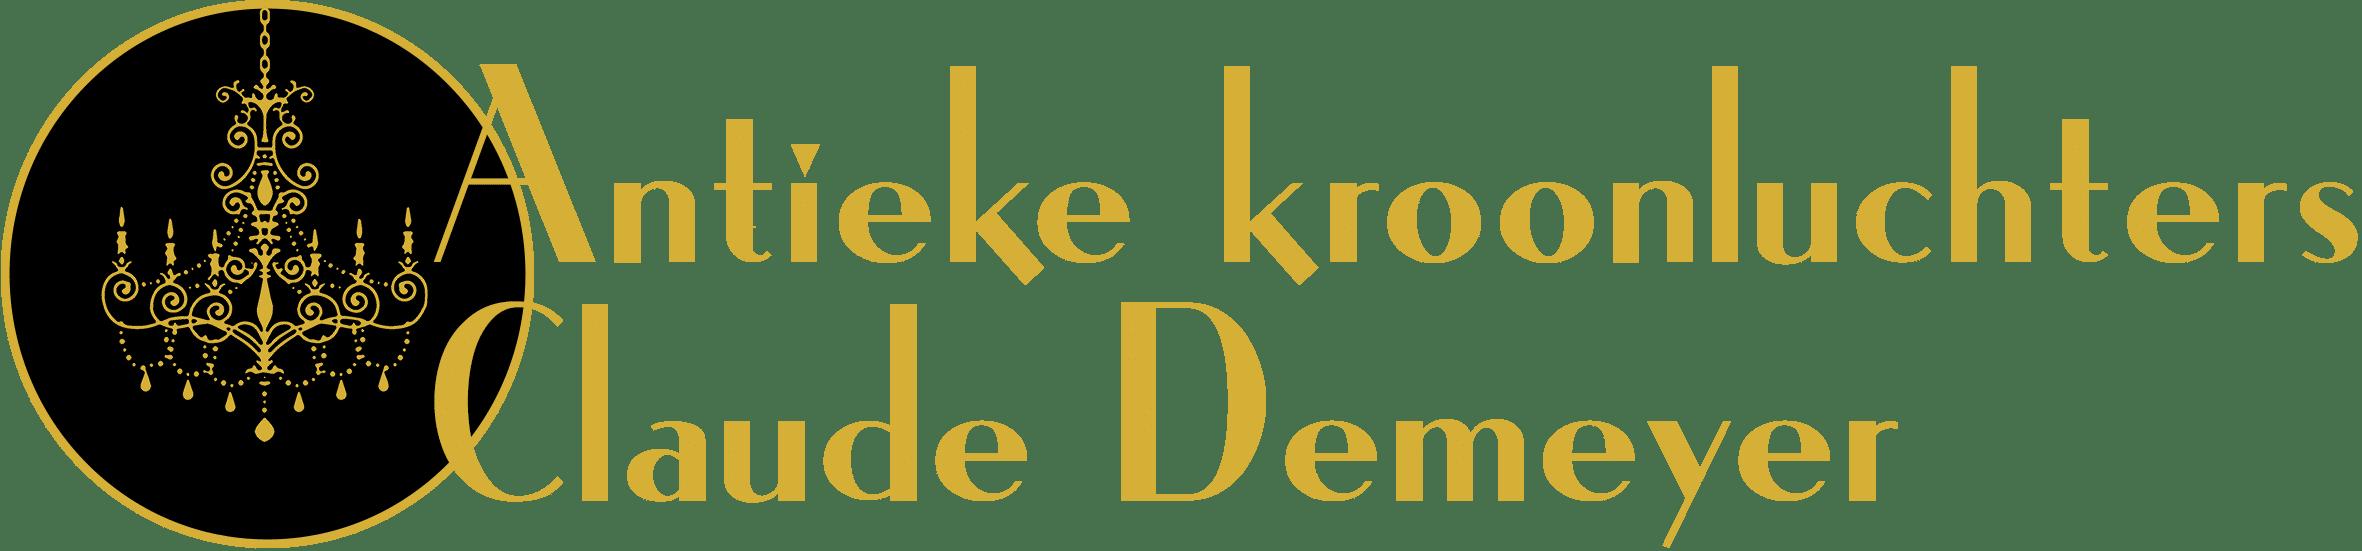 Antieke Kroonluchters Claude Demeyer